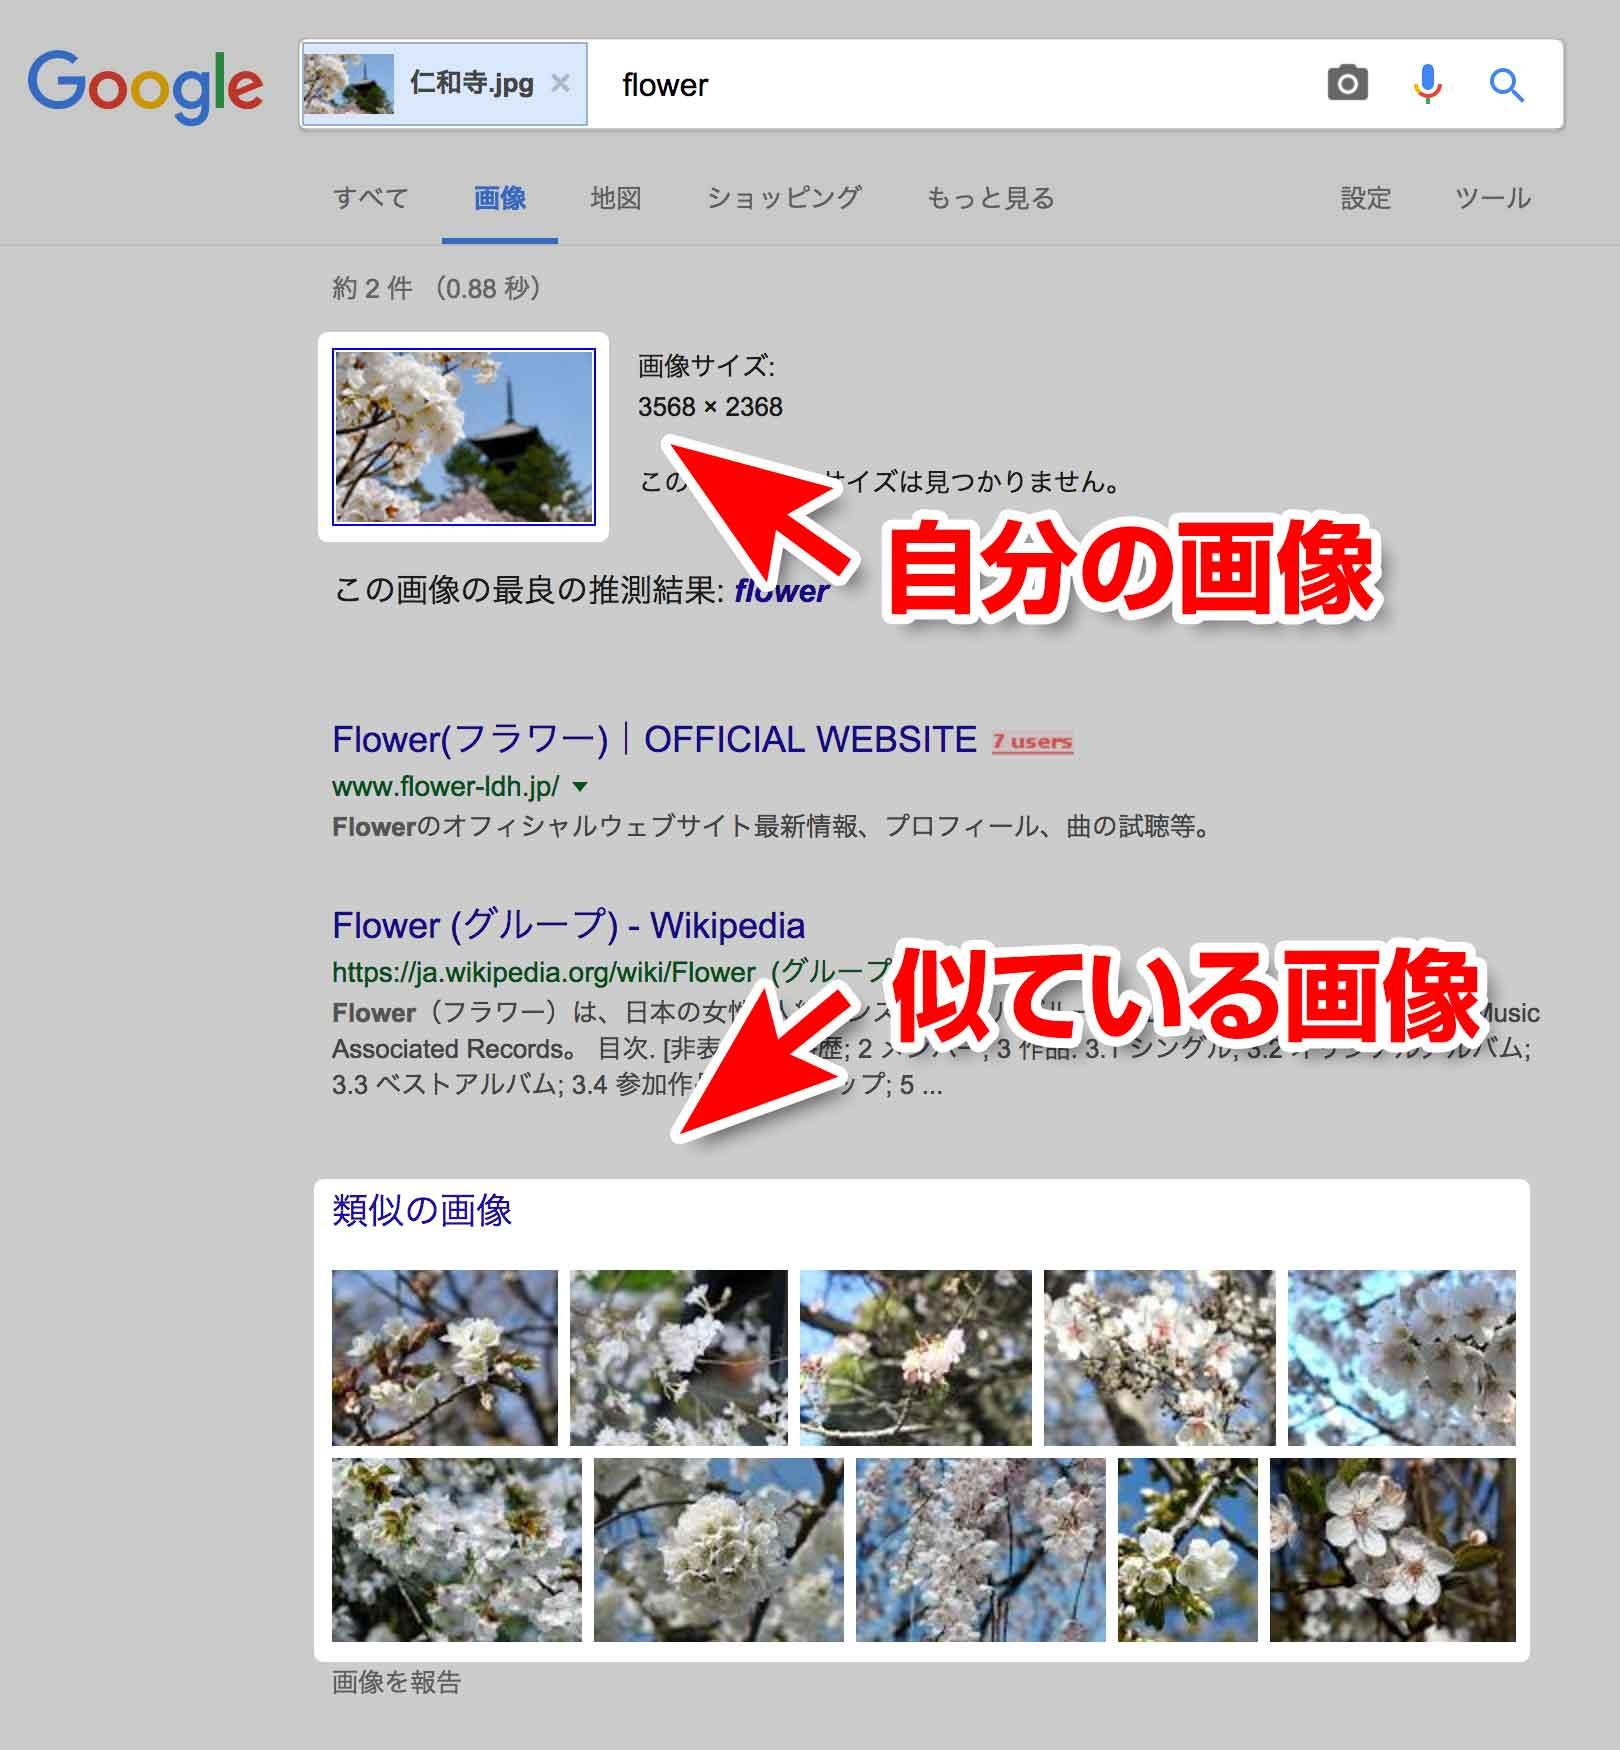 似ている画像検索